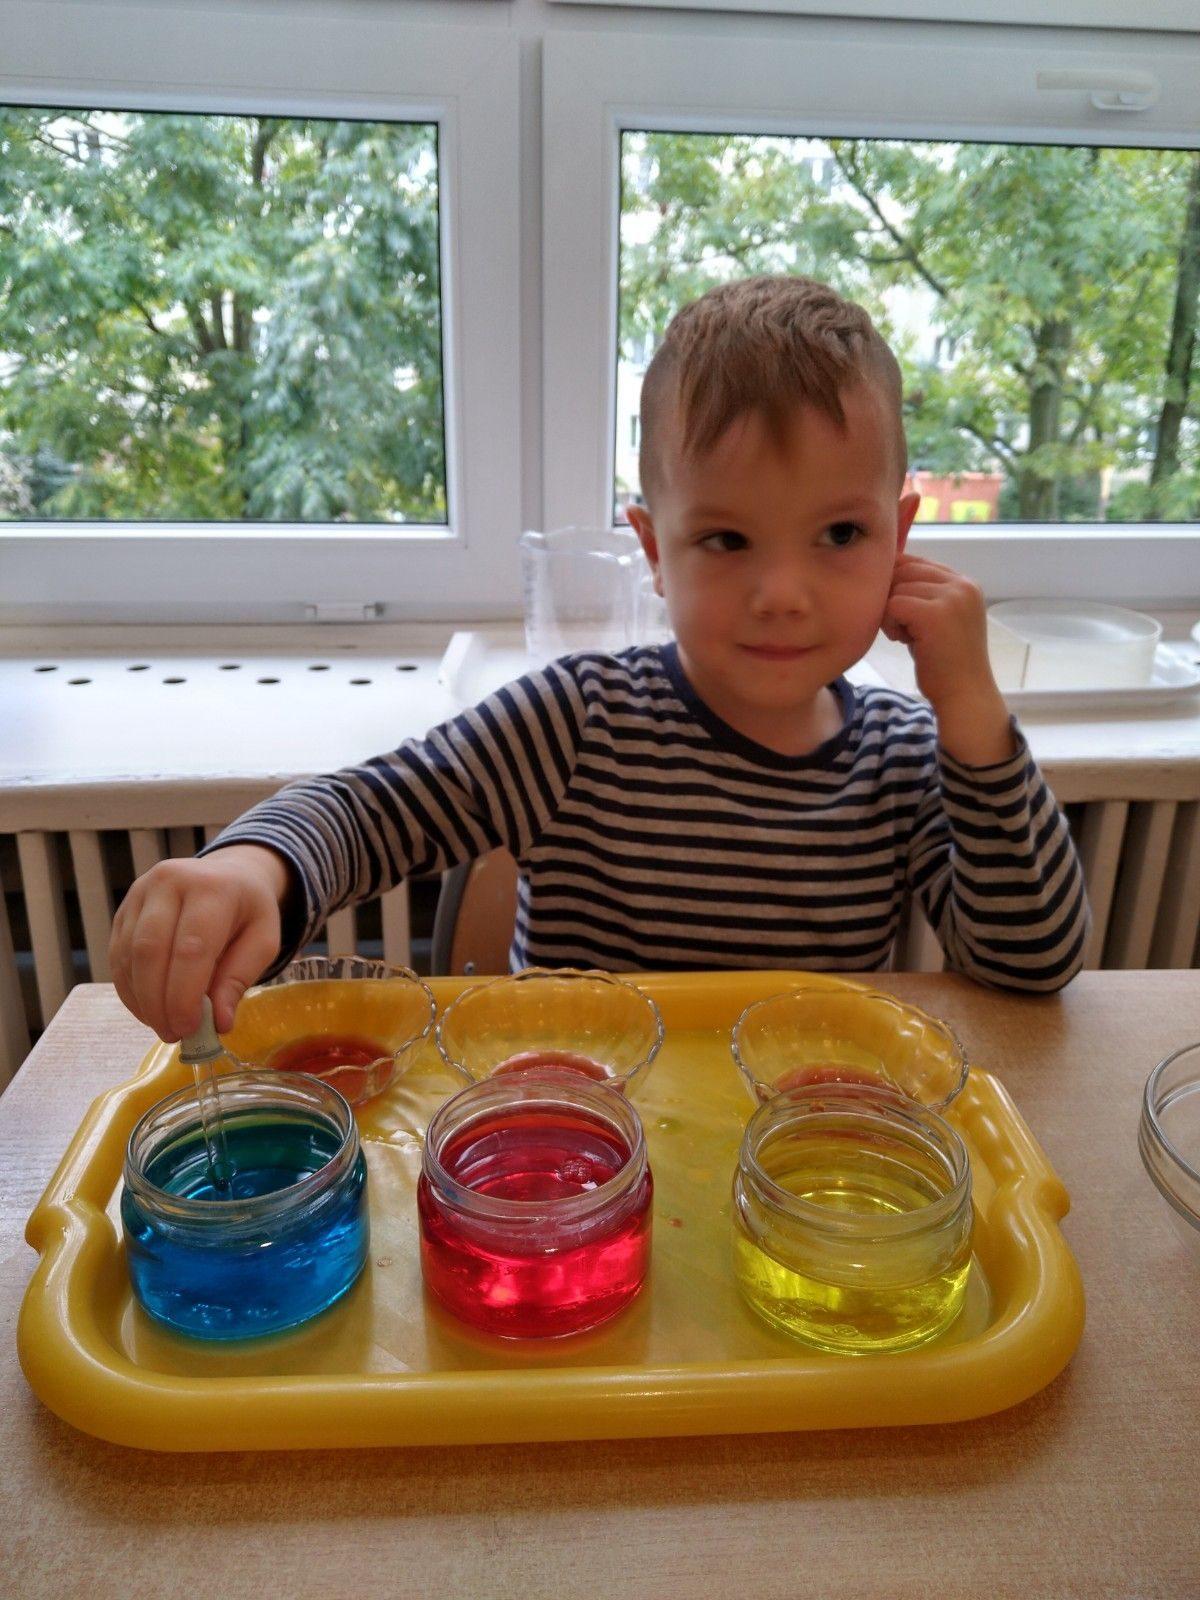 Doświadczenia z wodą- mieszanie podstawowych kolorów.